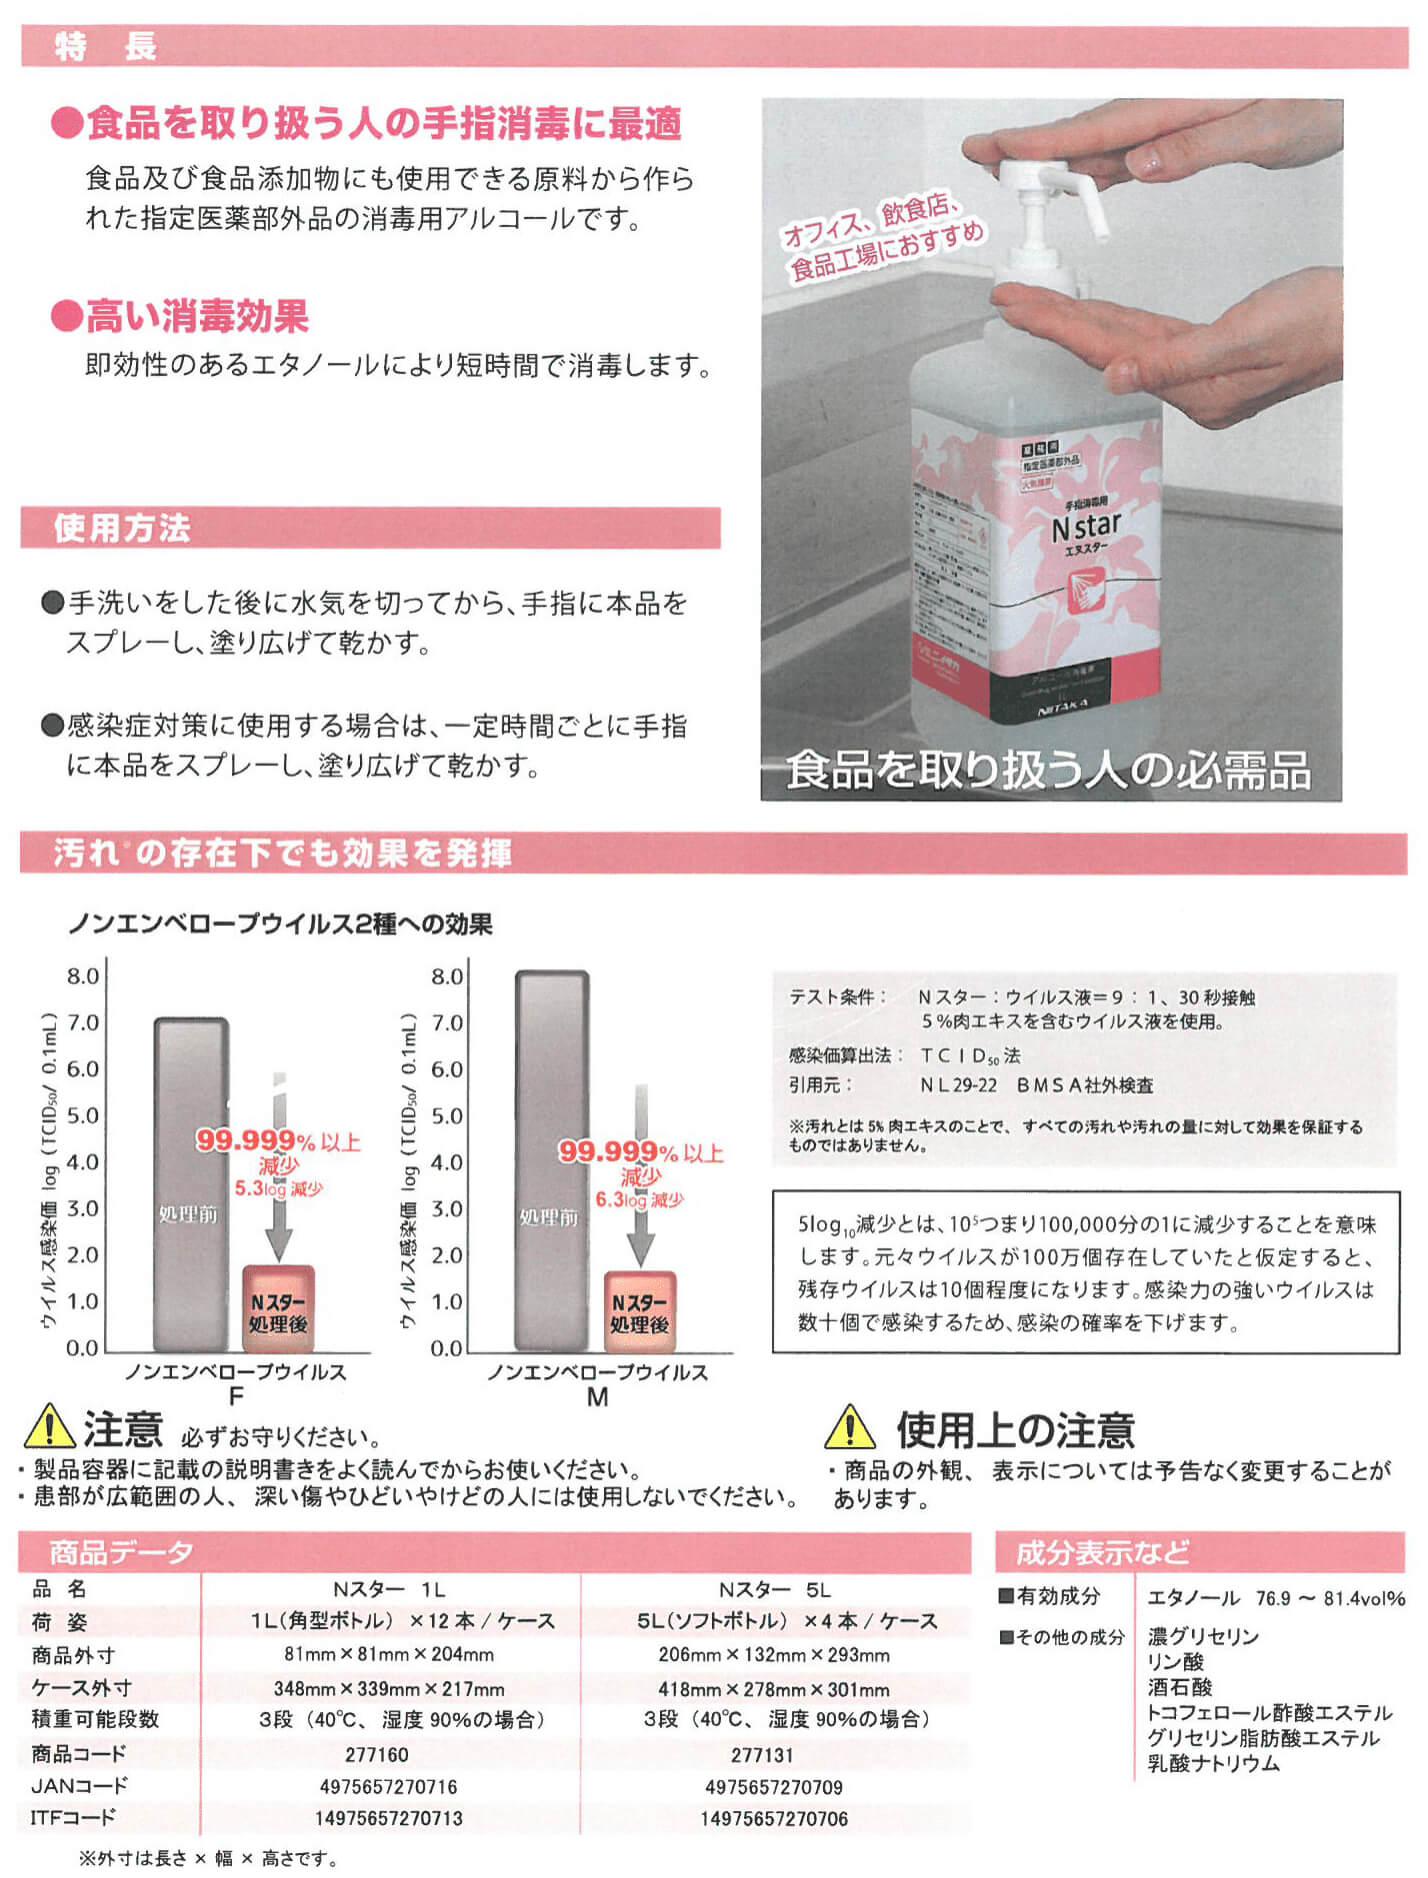 食品を取り扱う人の手指消毒に最適 高い消毒効果